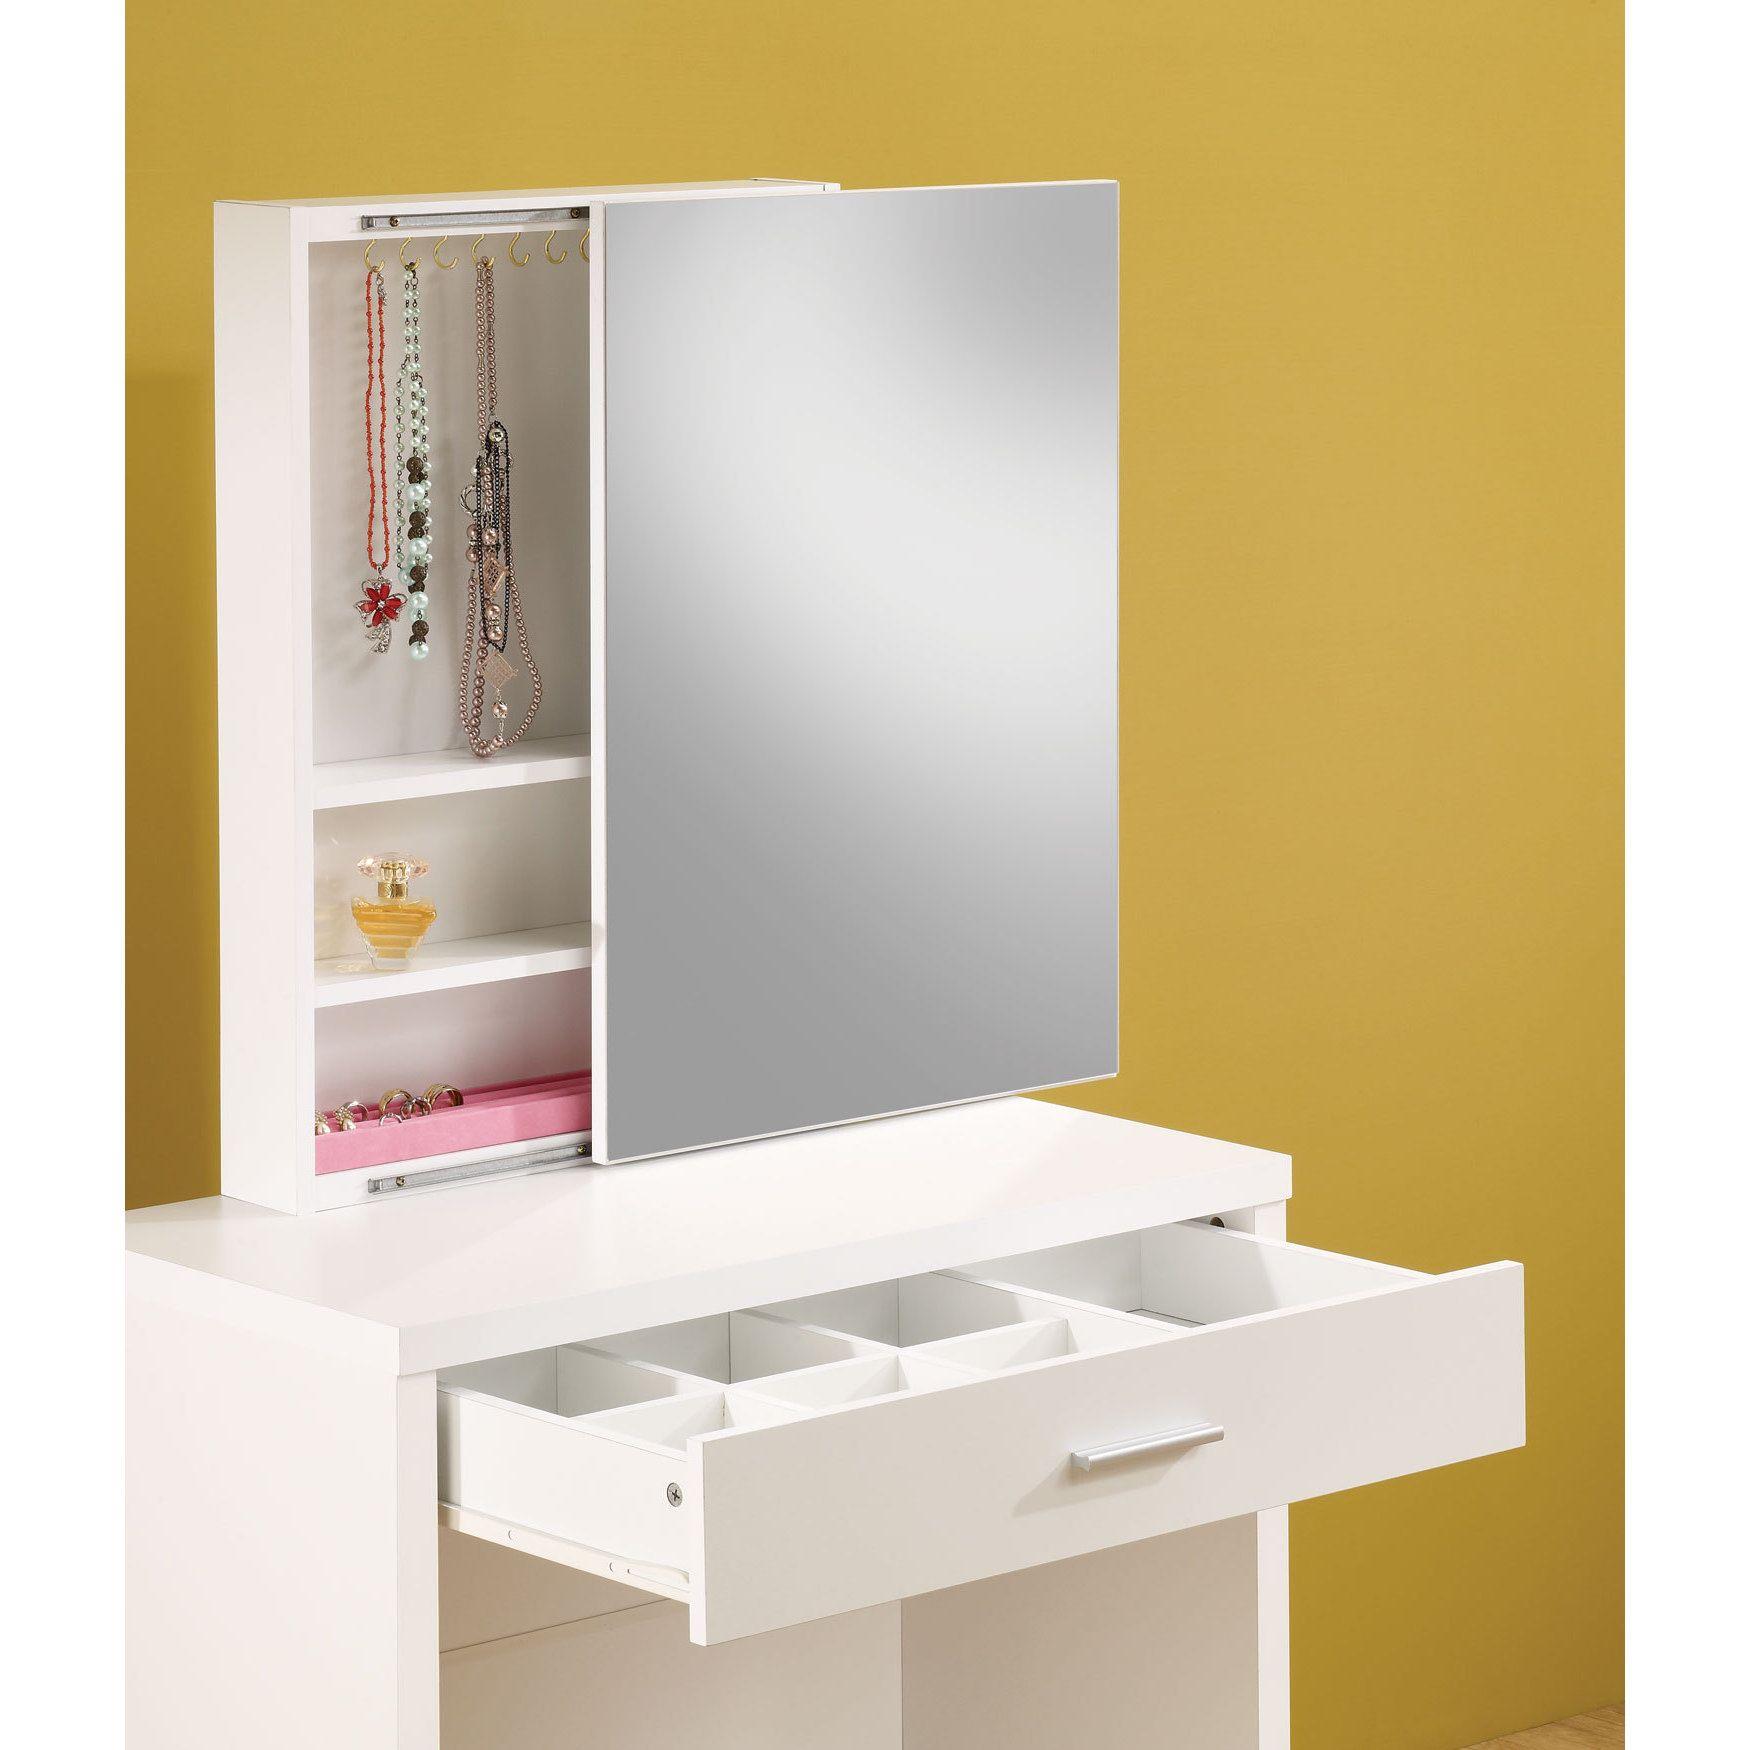 Coaster company glossy white contemporary vanity and stool set